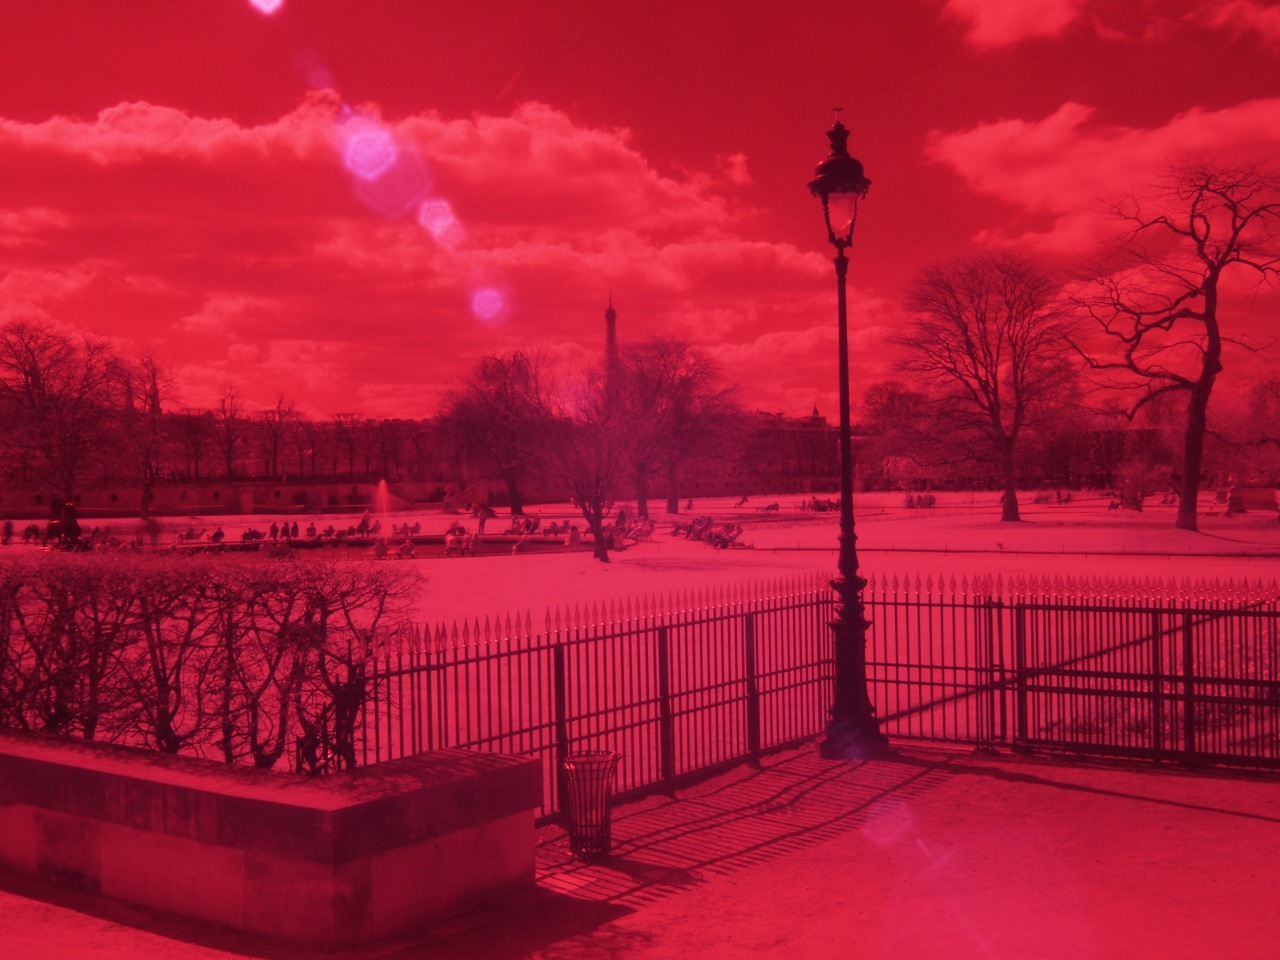 Jardin des Tuileries - Olympus OM-D EM-5 - filtre infrarouge heliopan 715